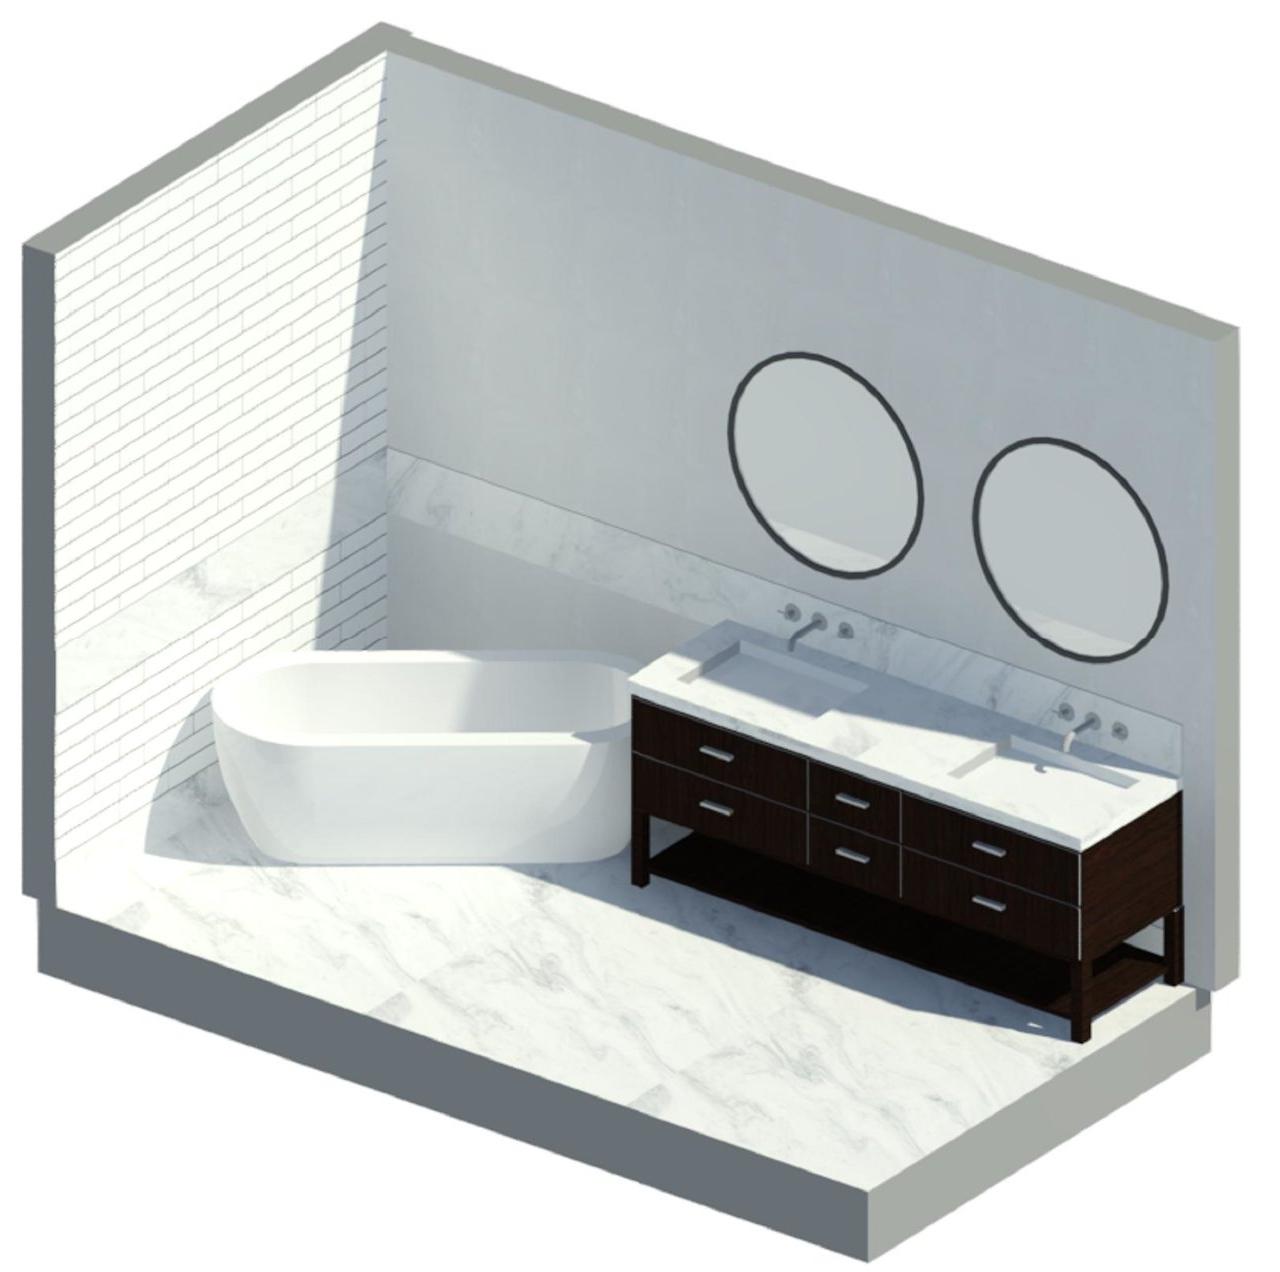 Daniels-Bathroom-2017 - Rendering - d1-perspective.jpg